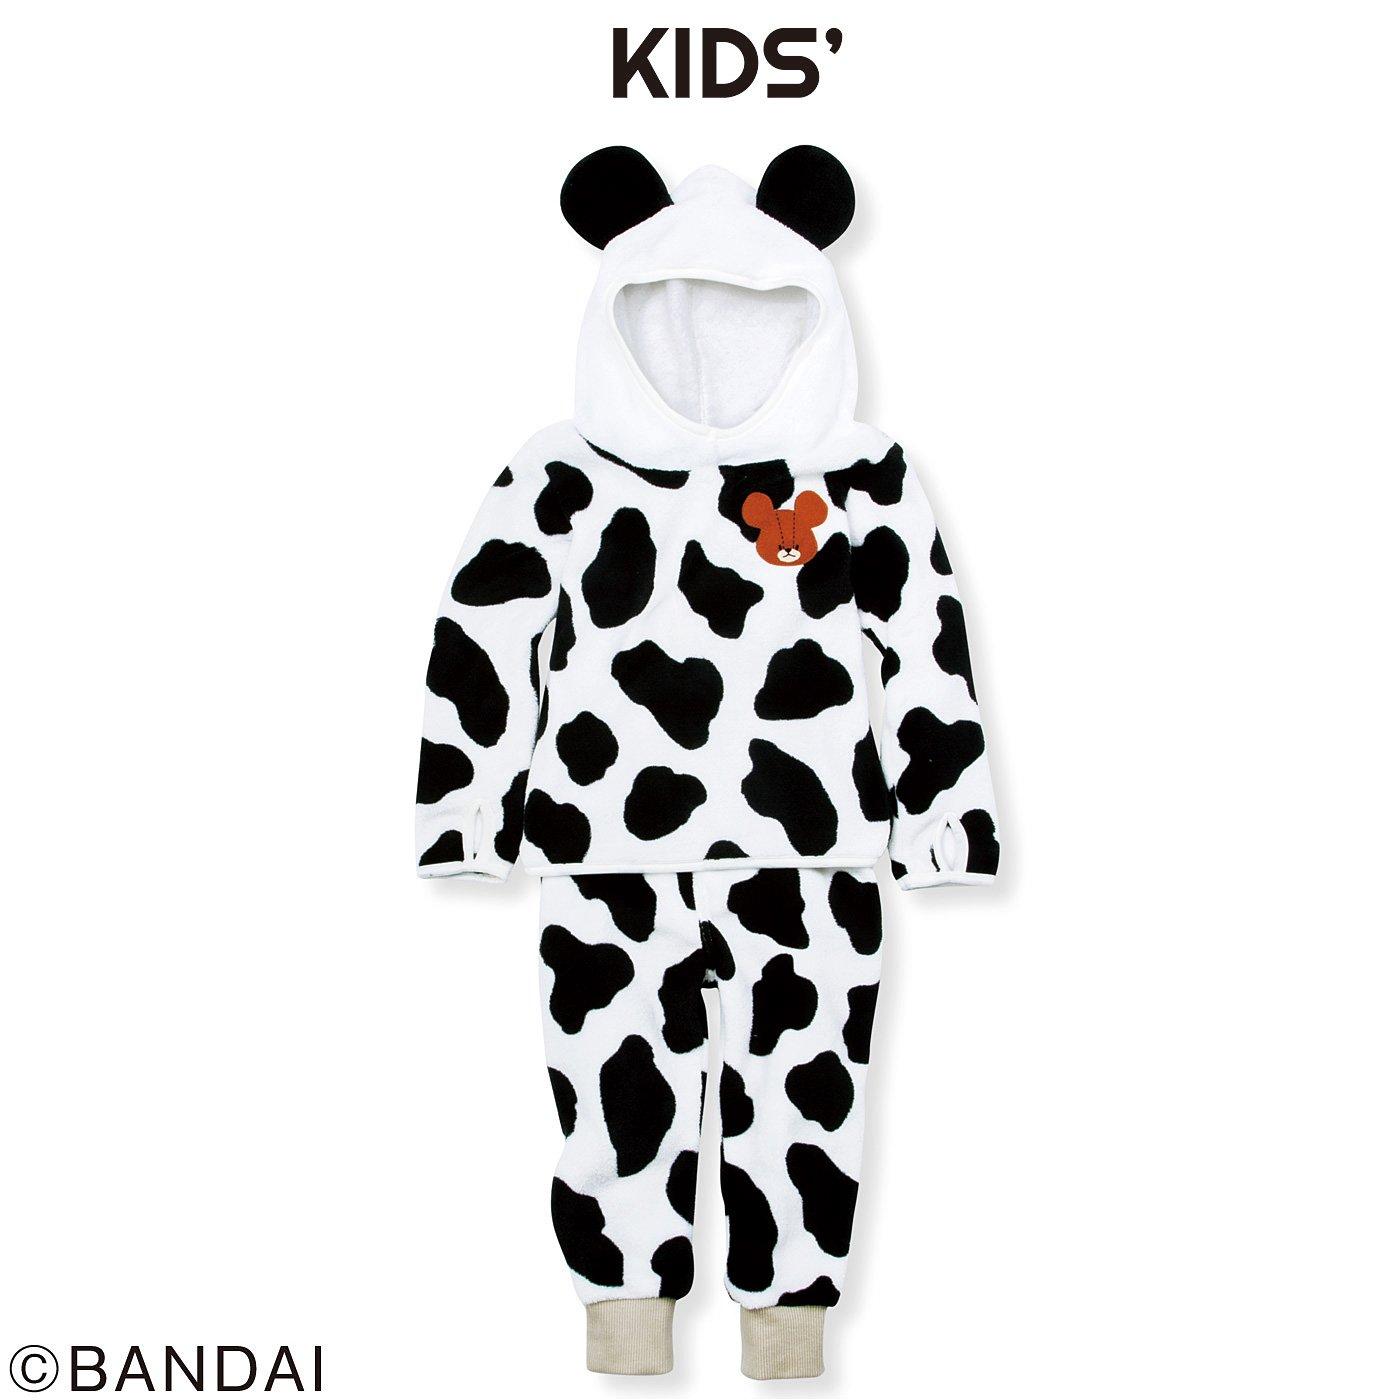 くまのがっこう ミルクちゃんの着ぐるみフリースルームウェア〈キッズ〉